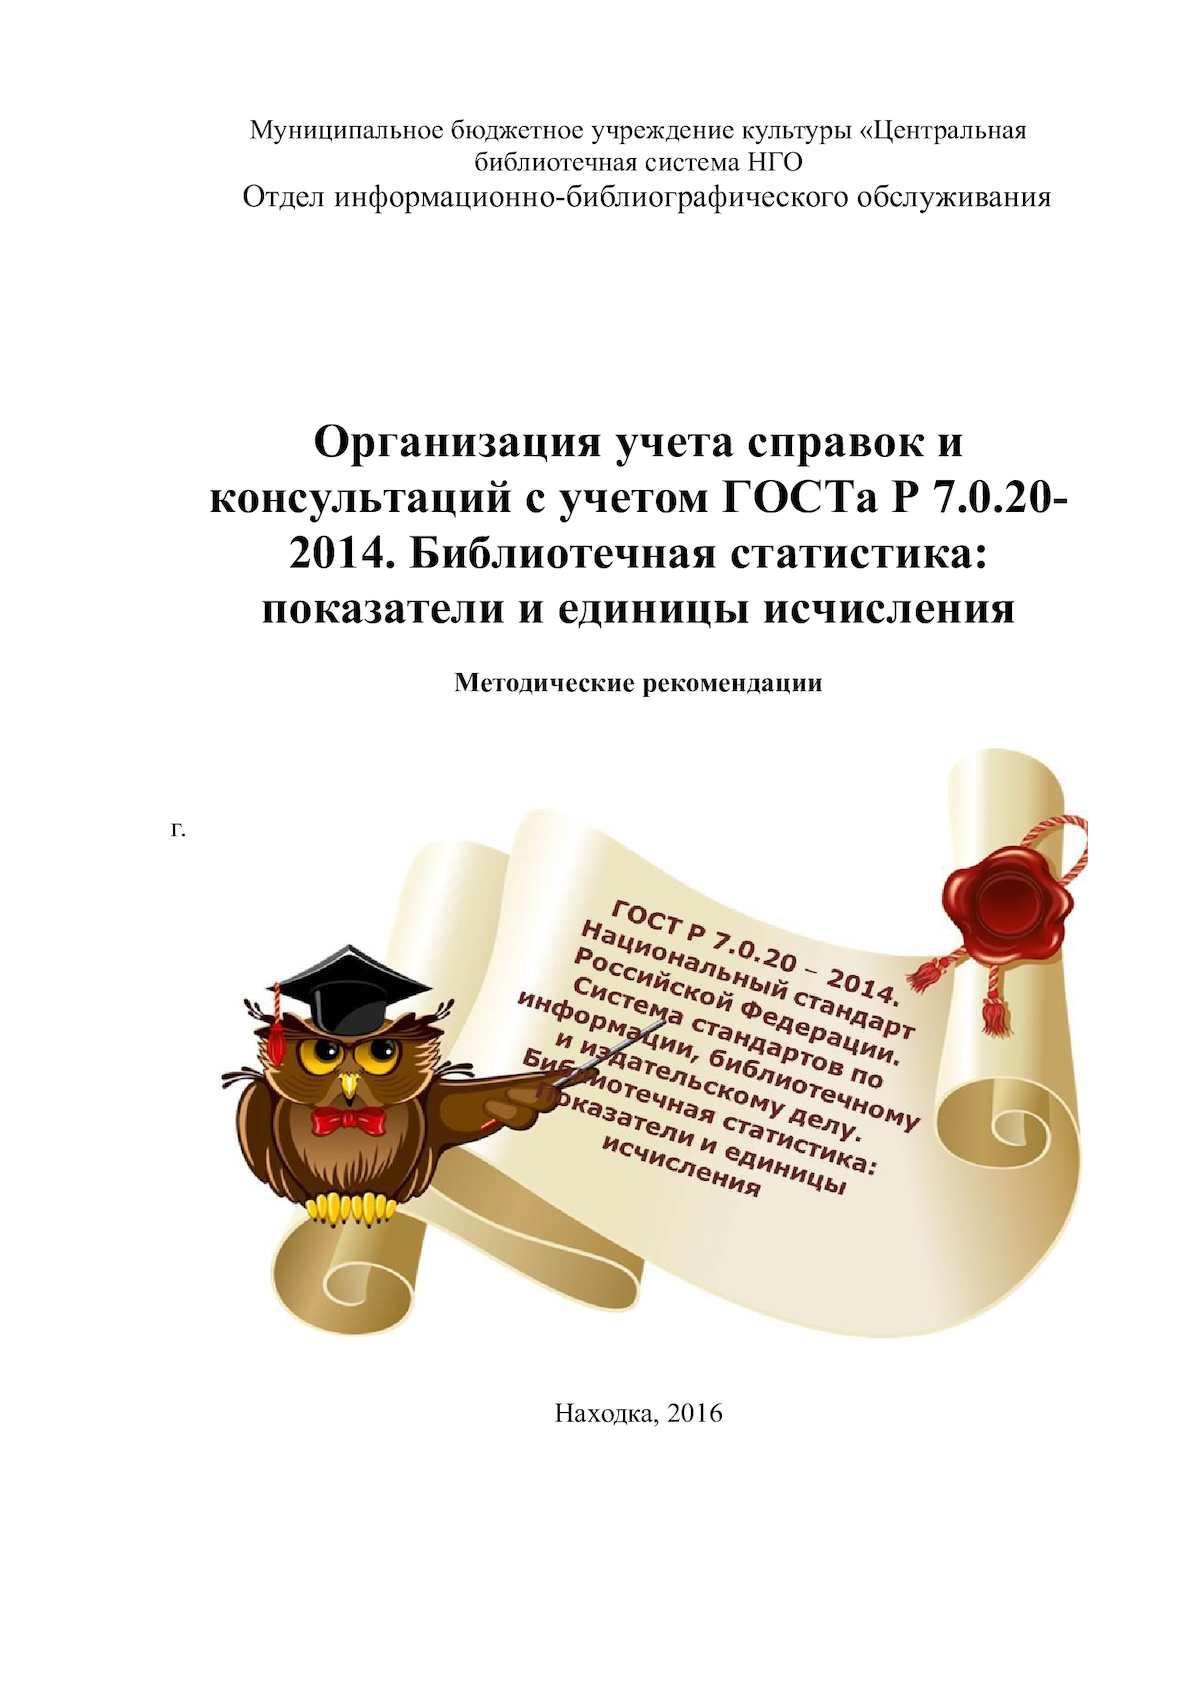 Организация учета справок и консультаций с учетом ГОСТа Р 7.0.20-2014. Библиотечная статистика